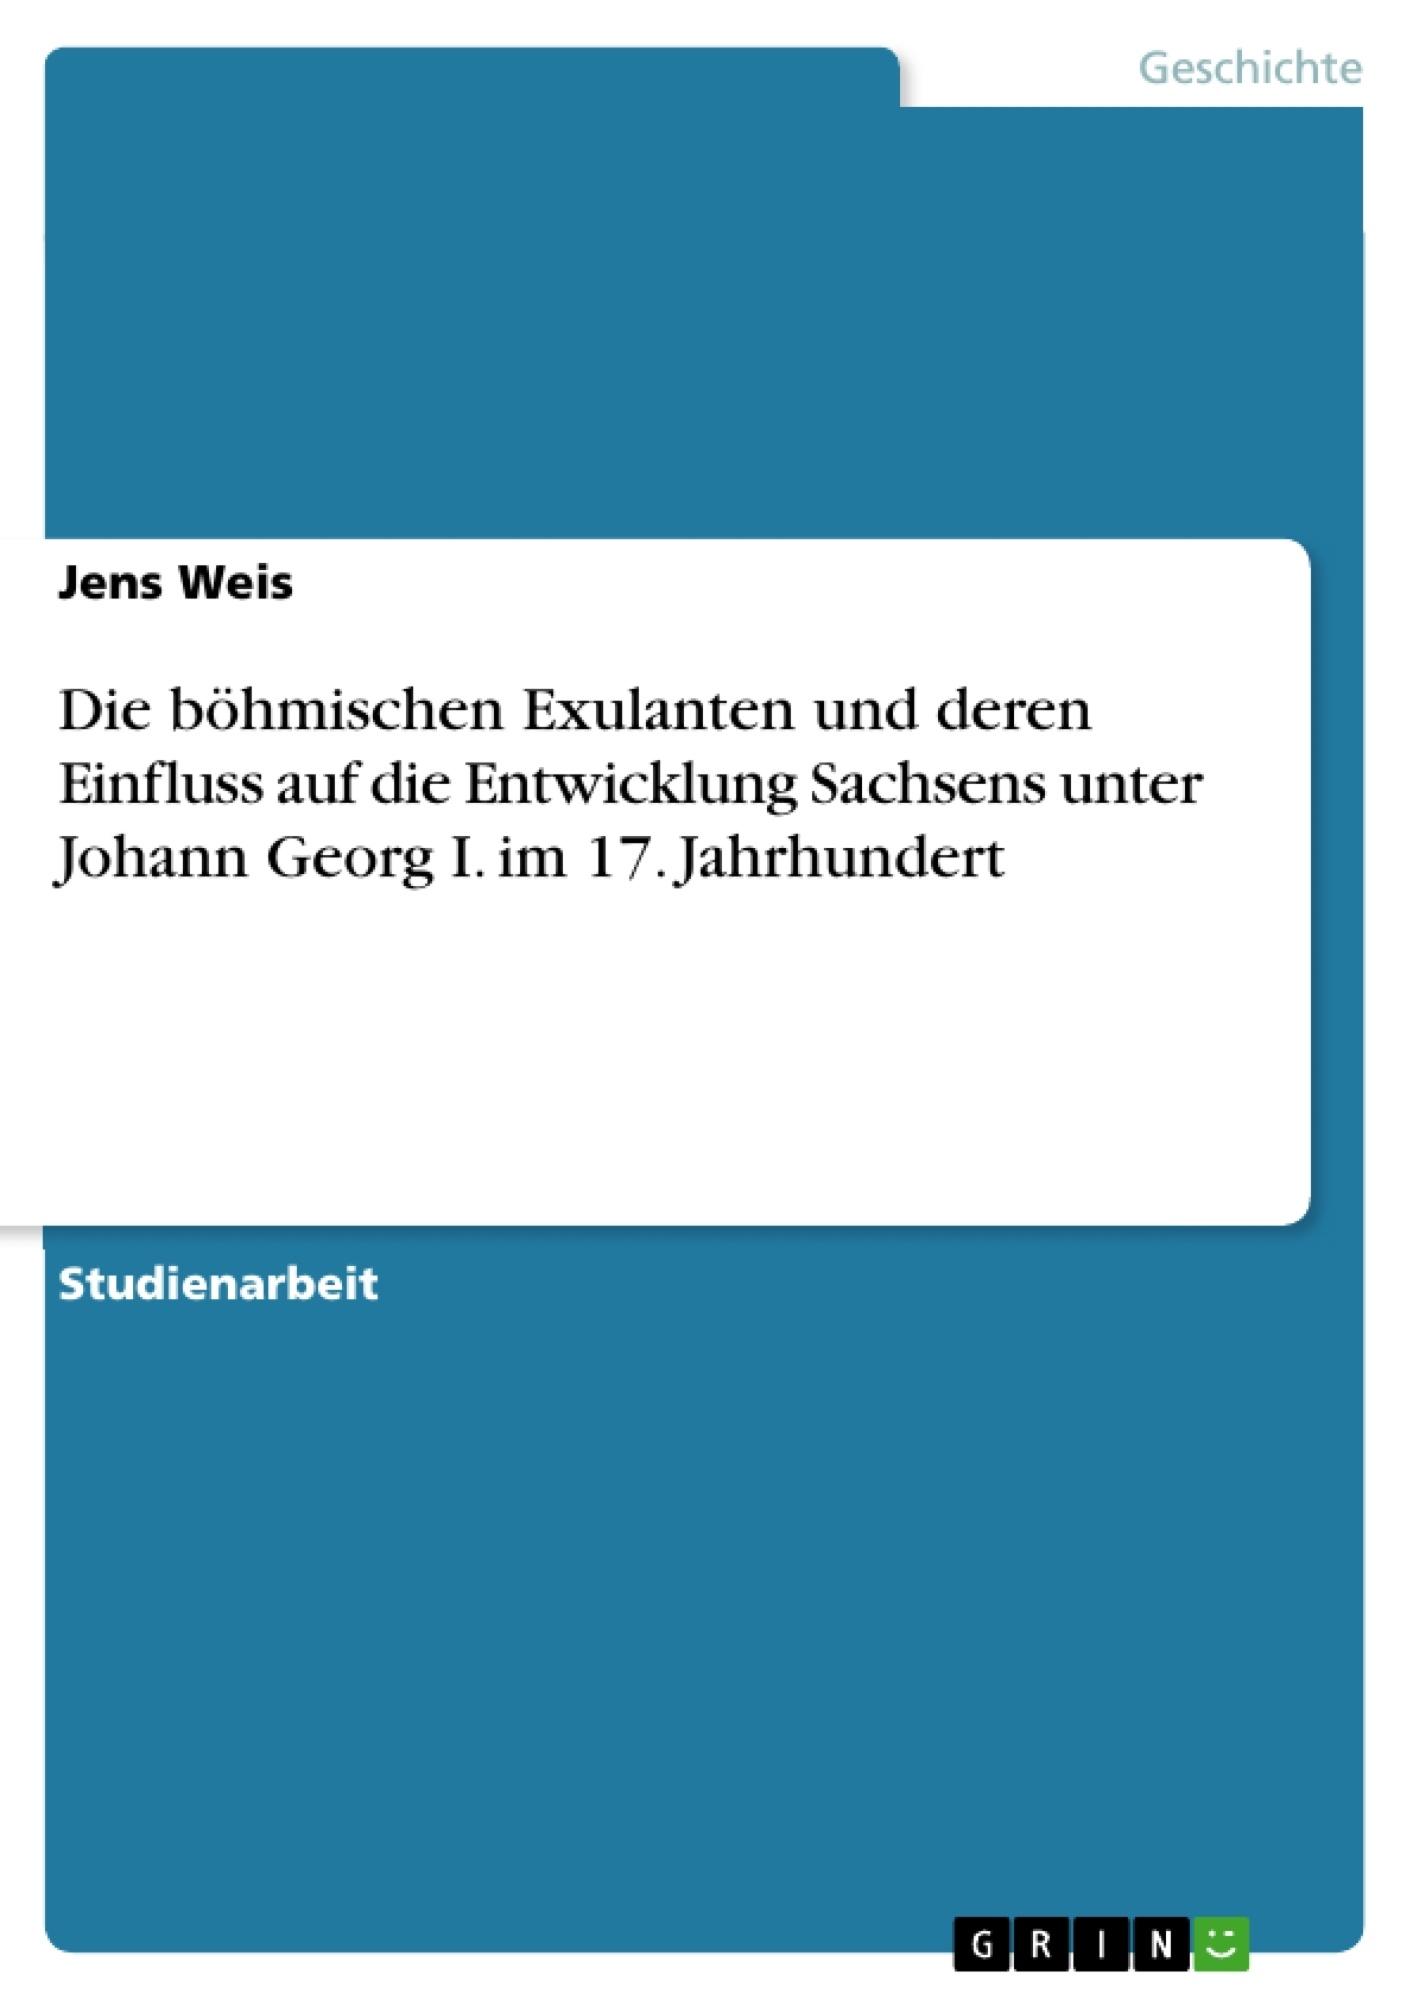 Titel: Die böhmischen Exulanten und deren Einfluss auf die Entwicklung Sachsens unter Johann Georg I. im 17. Jahrhundert